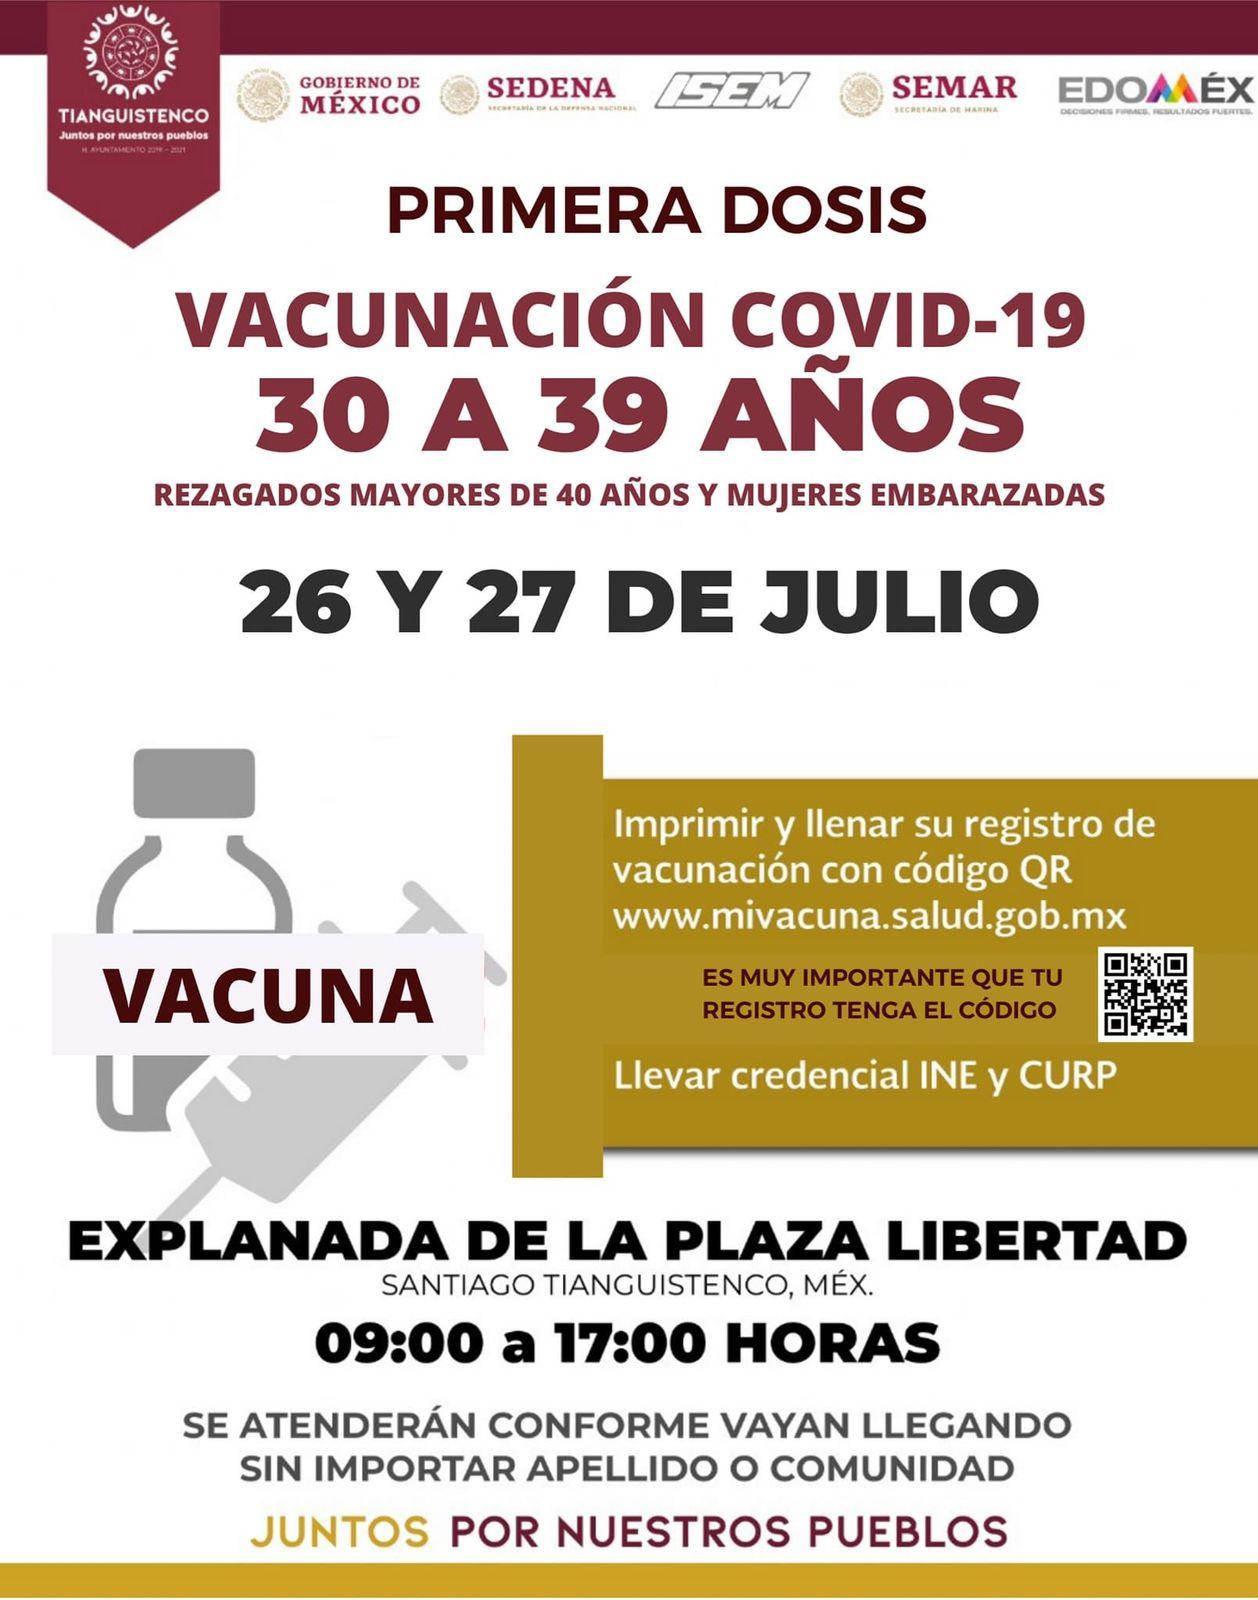 Vacunación anti Covid-19 a personas a partir de 30 en Santiago Tianguistenco - Jul 21, 2021